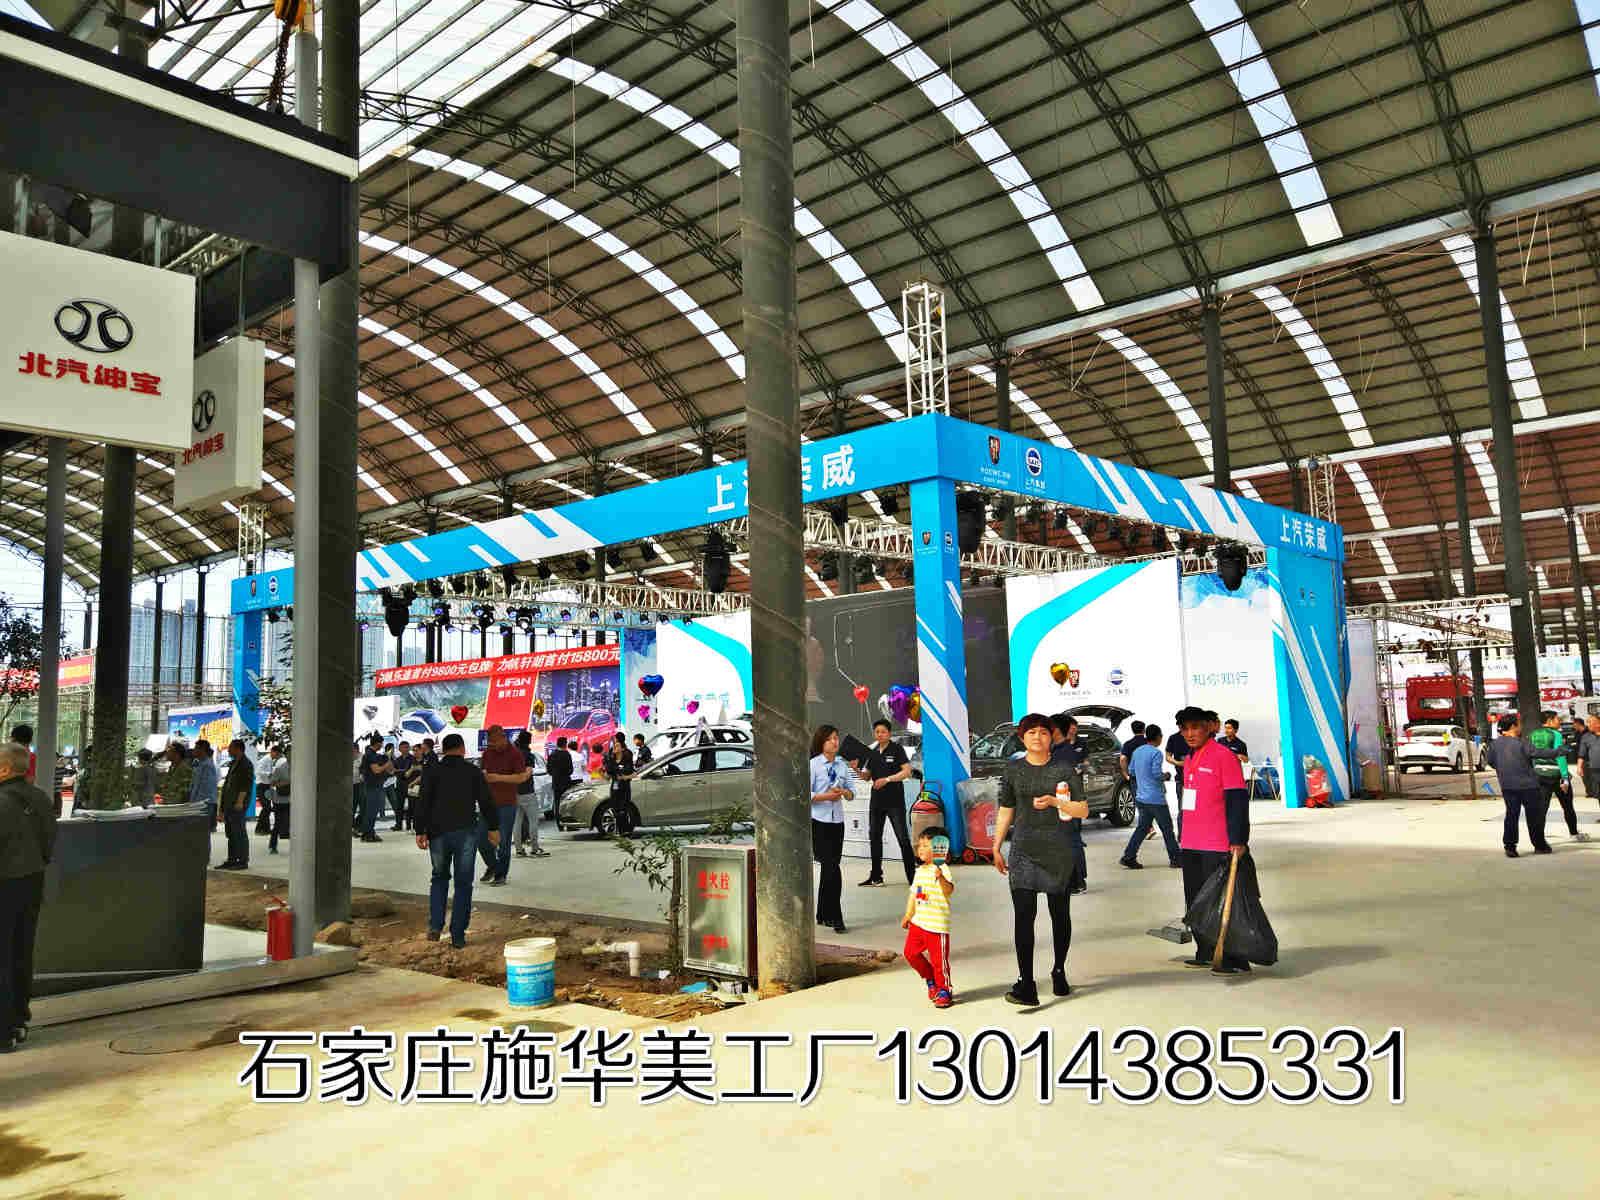 大奖官方娱乐88pt88茶博会 暖通展会搭建